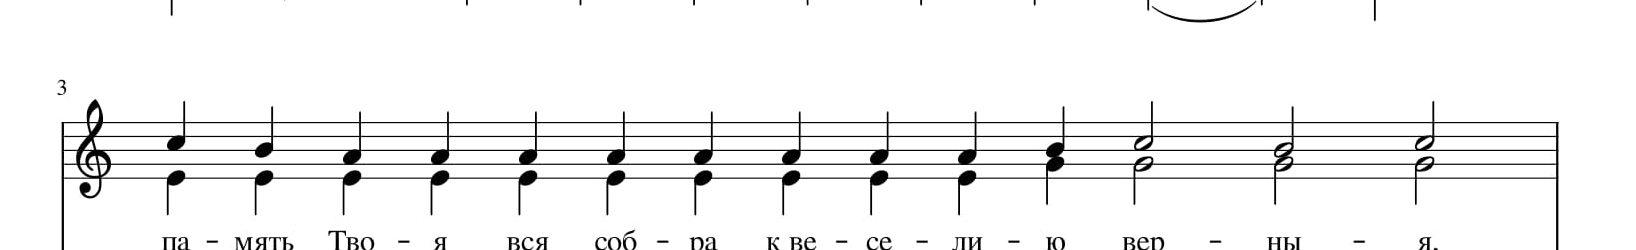 Ирмосы канона Успения Пресвятой Богородицы. По Беневскому